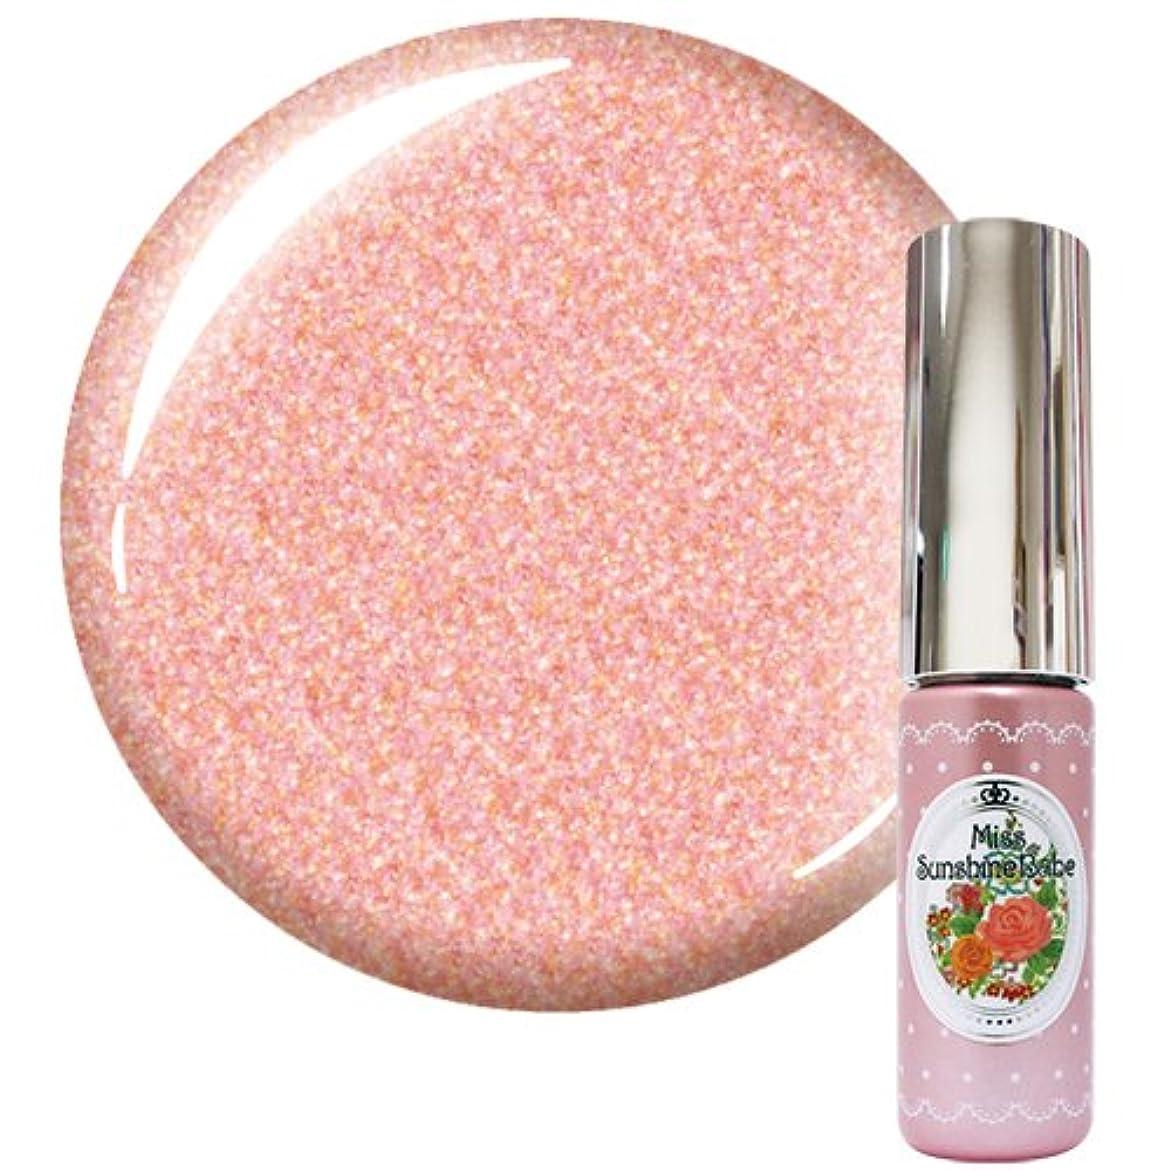 ミキサーアプローチ印象的Miss SunshineBabe ミス サンシャインベビー カラージェル MC-23 5g コーラルピンク UV/LED対応